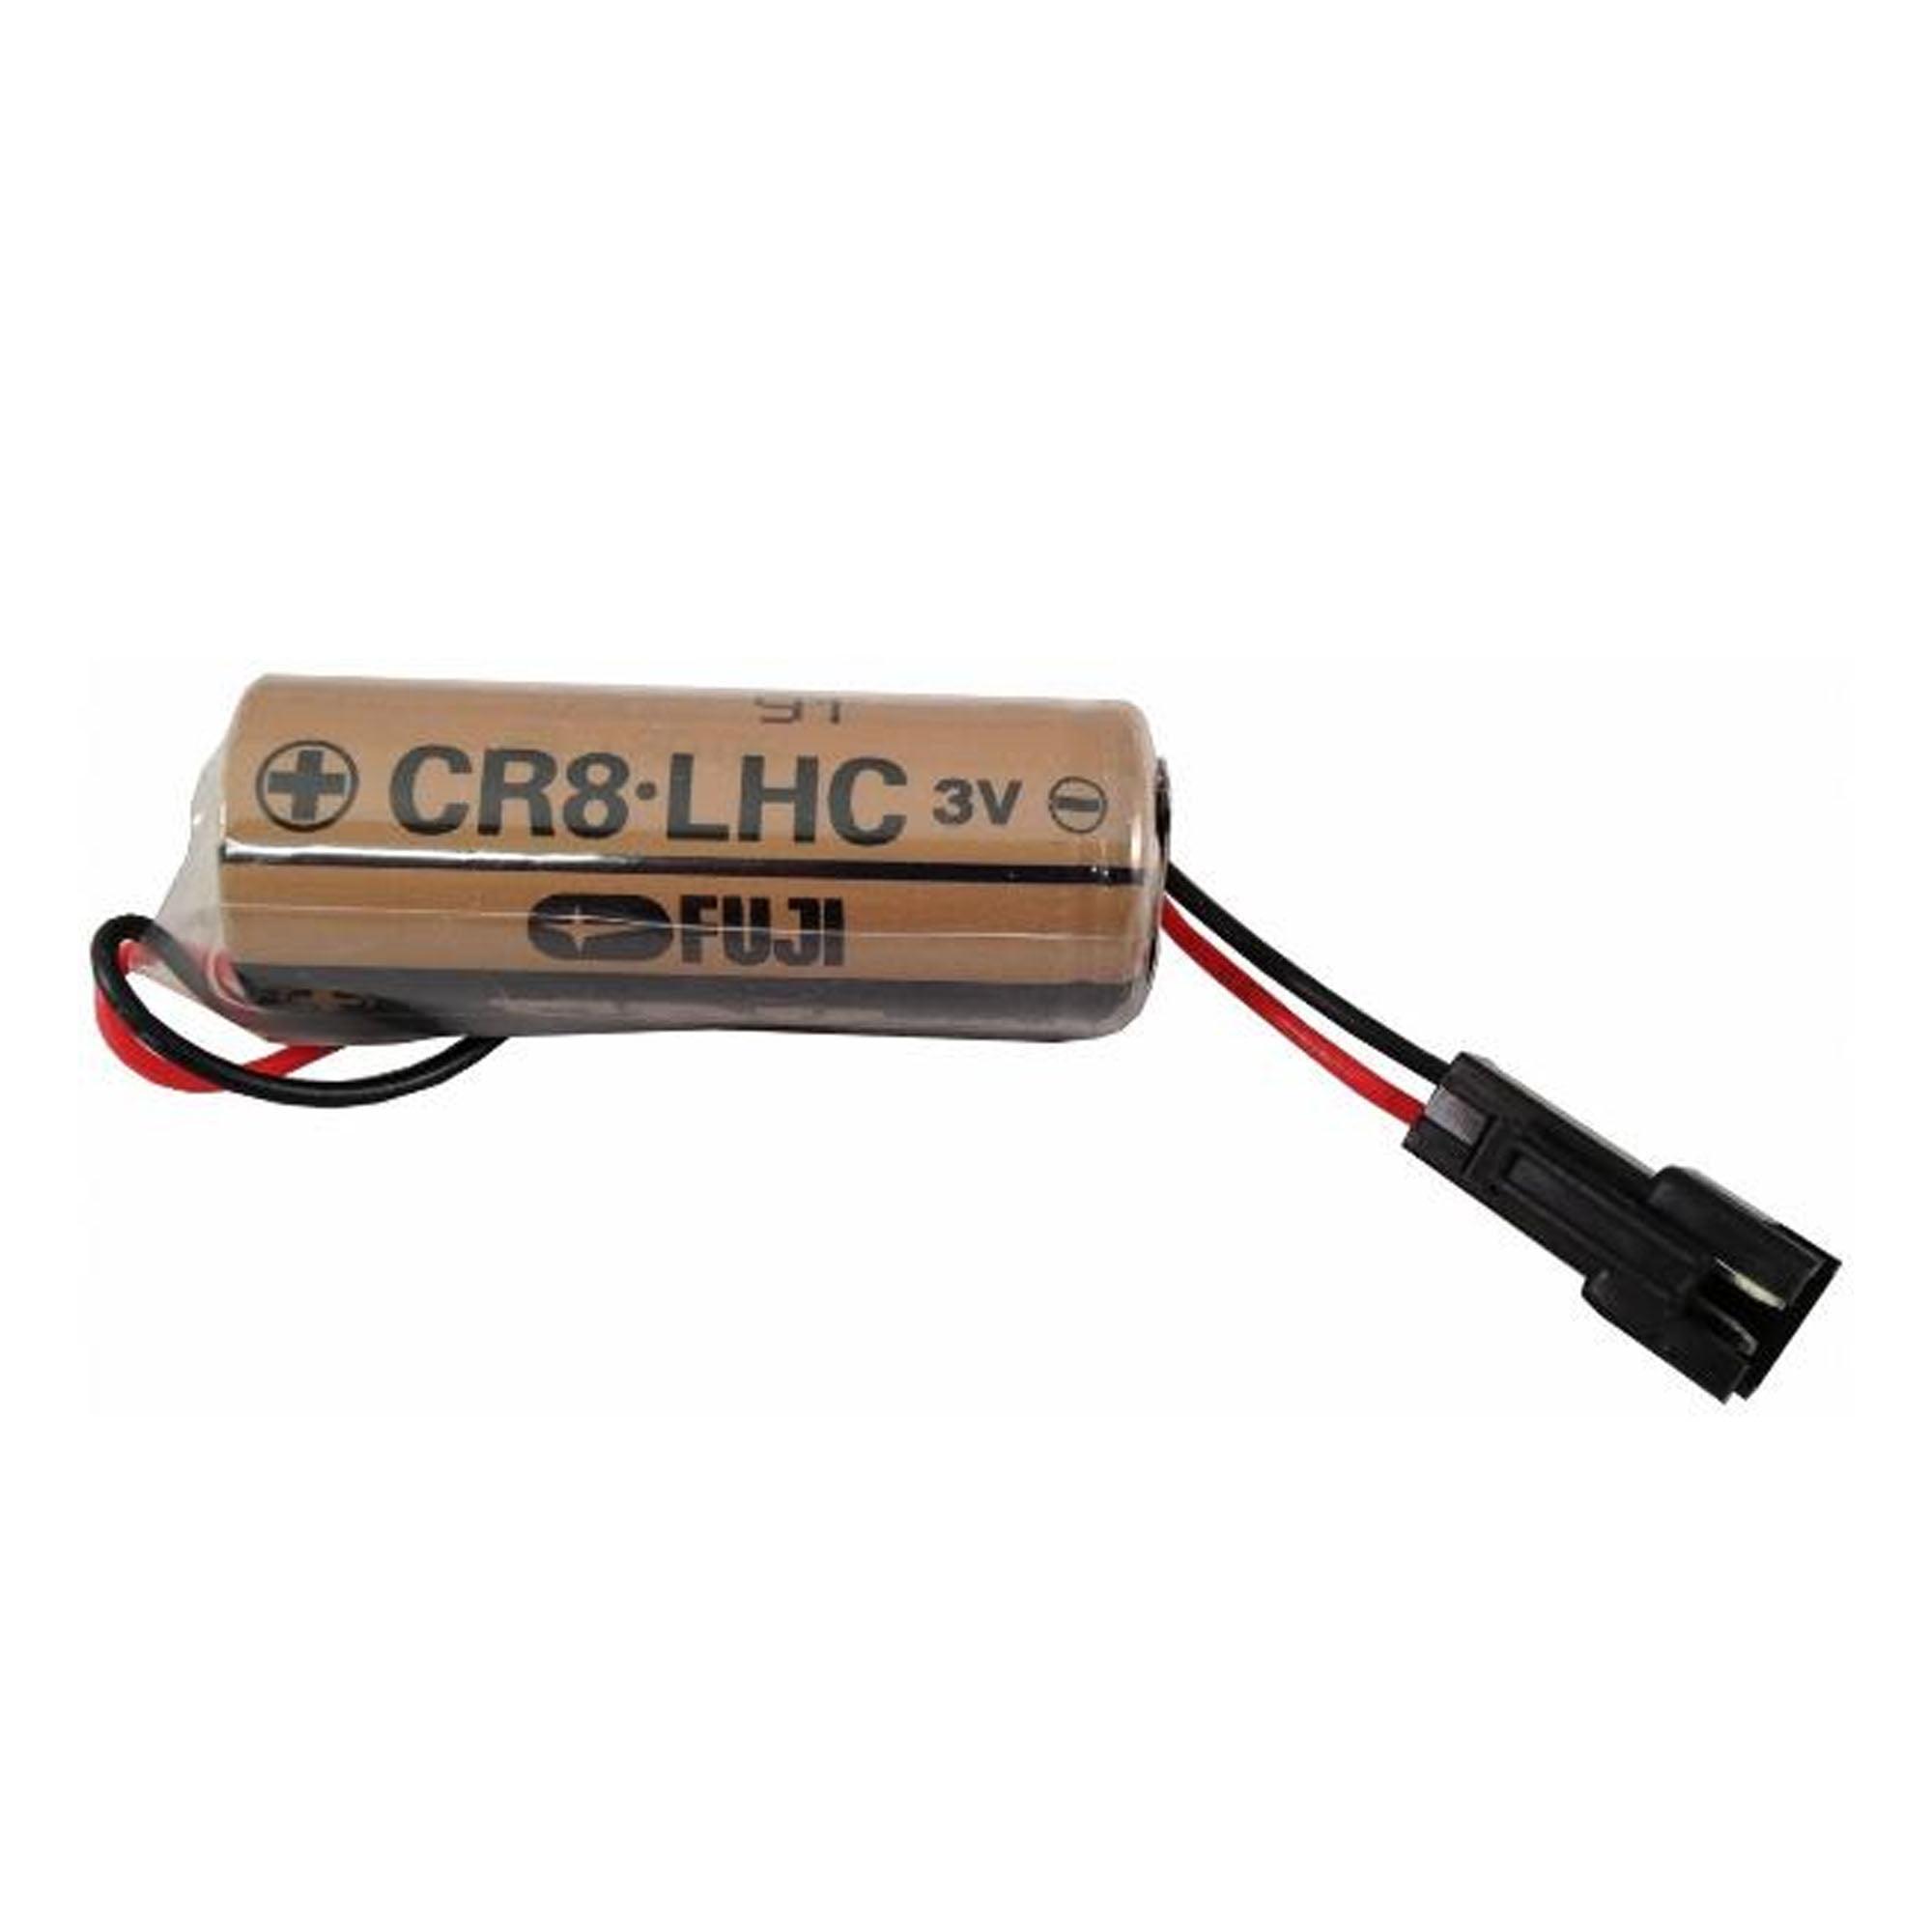 Fuji CR8-LHC Flusher PLC Battery (For Flush-2 Wallingford, Toto ...